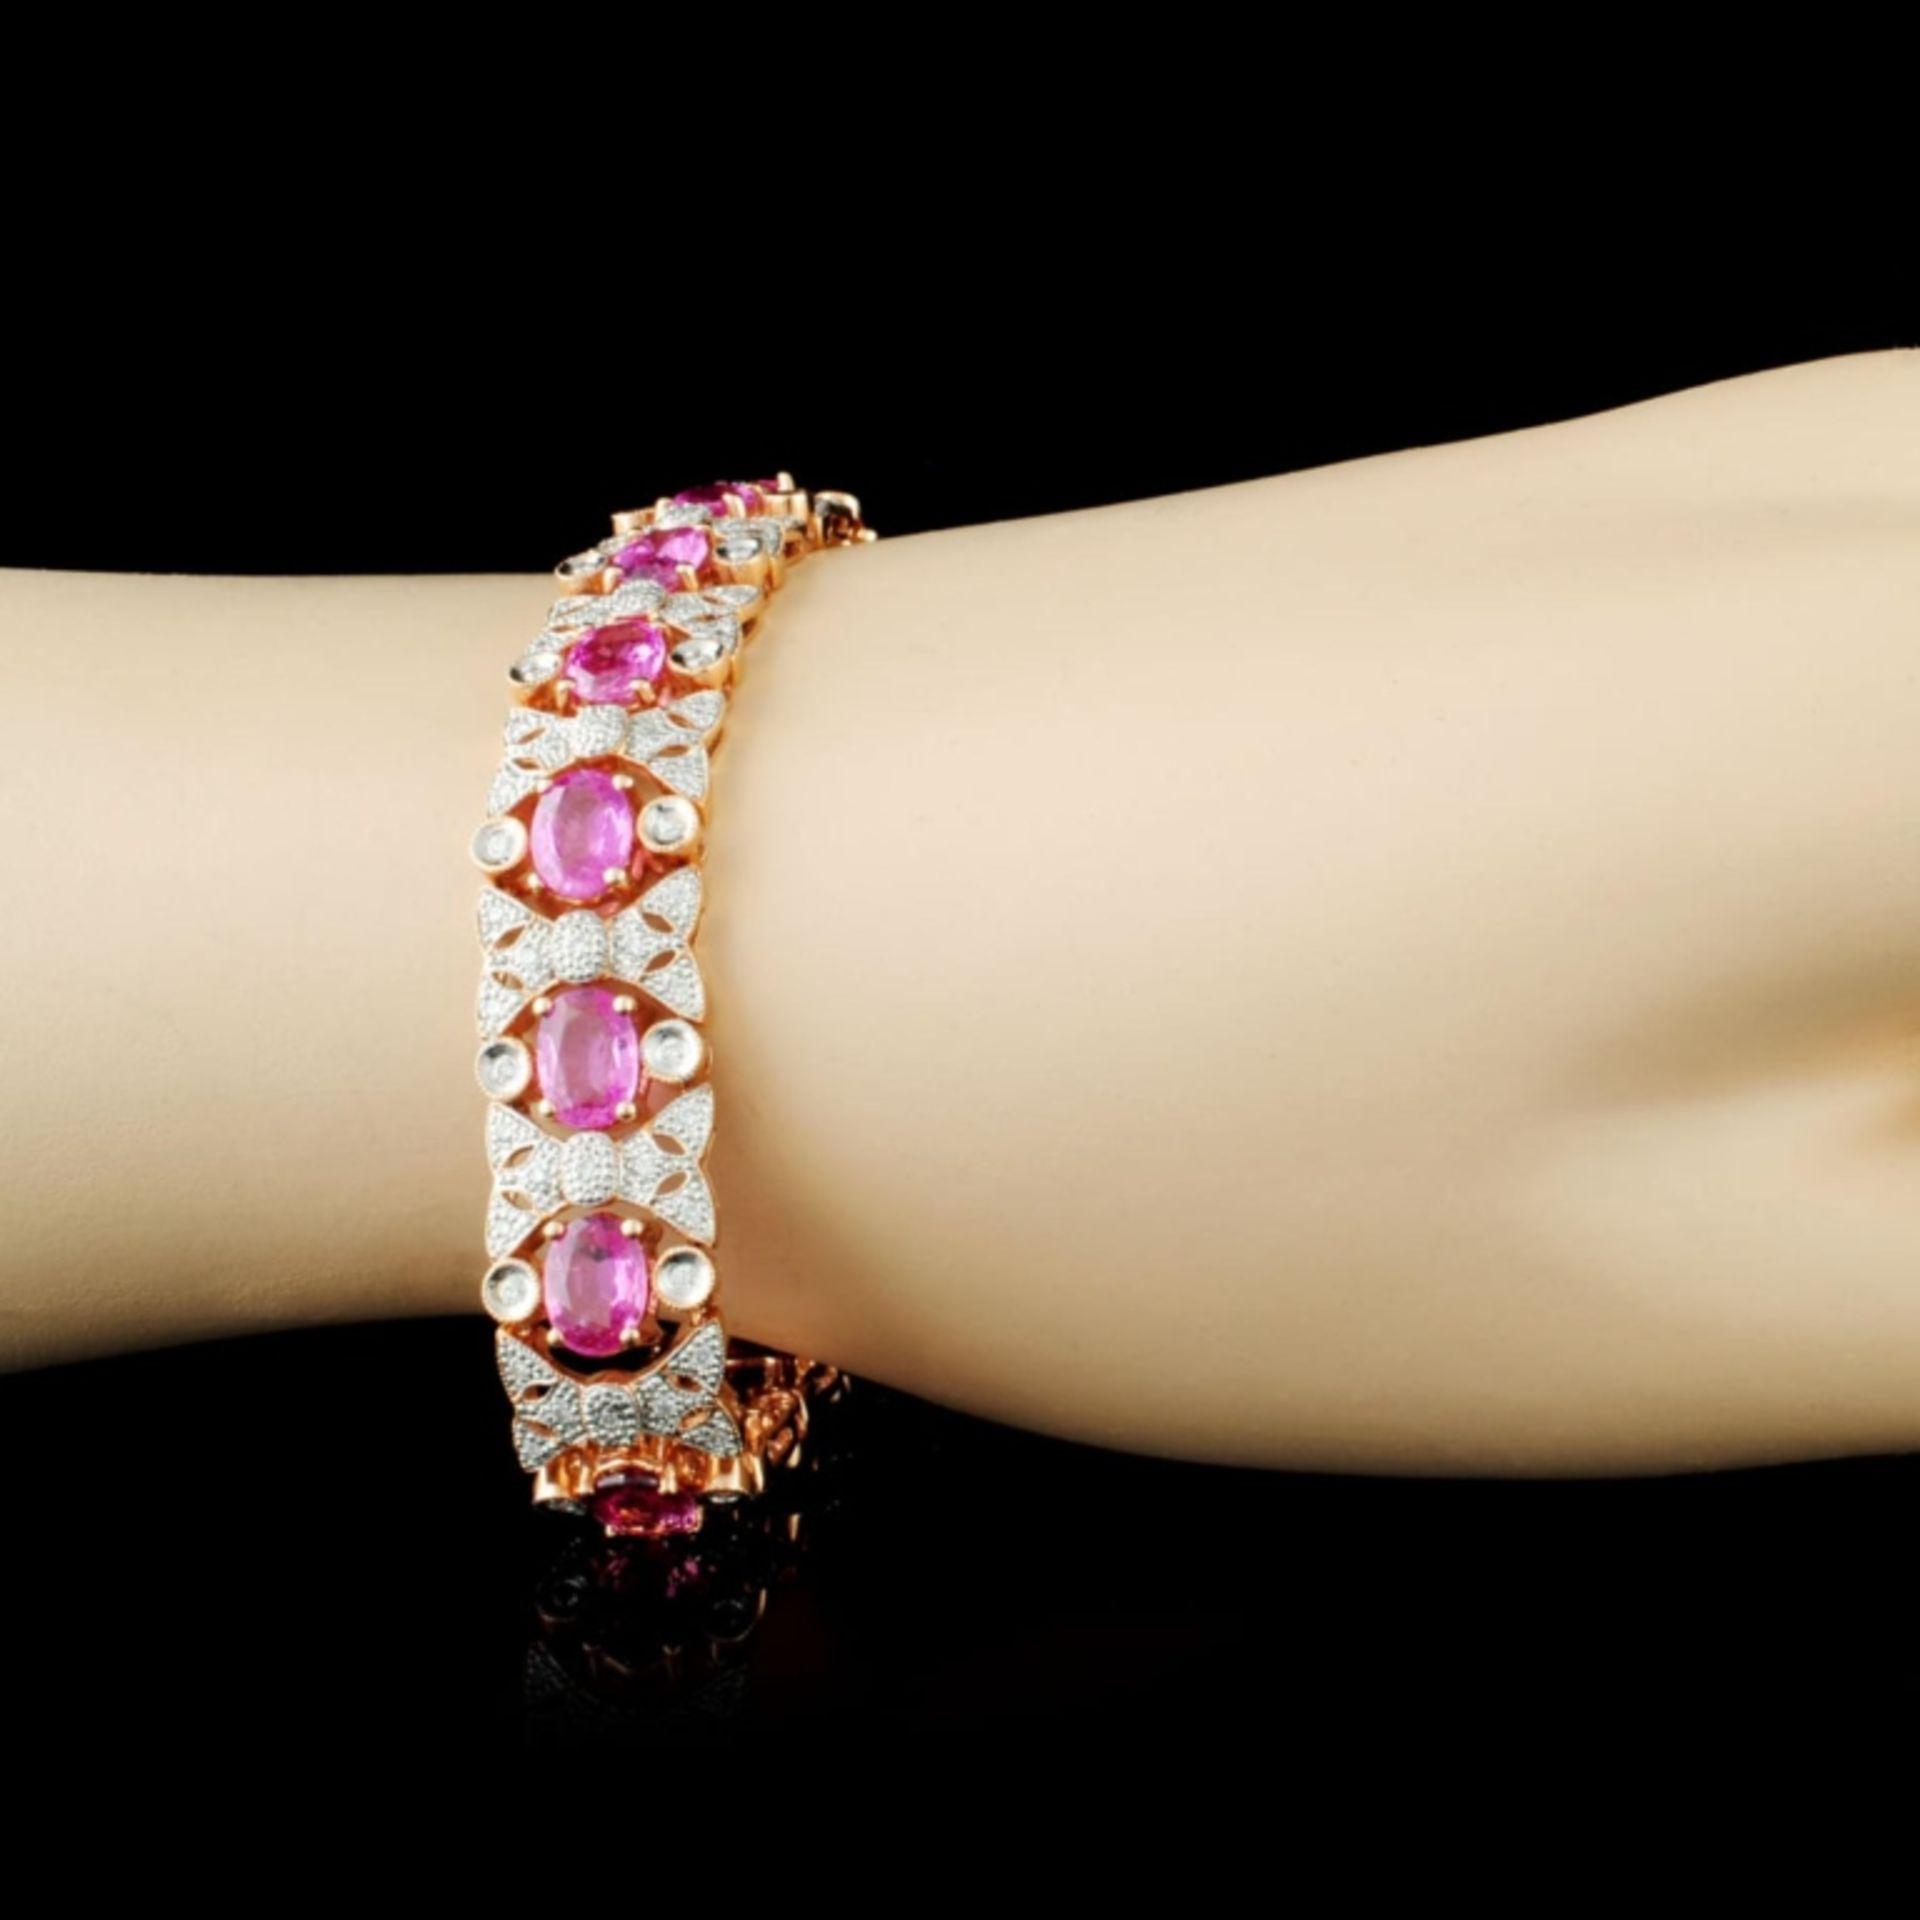 14K Gold 13.81ct Sapphire & 1.20ctw Diamond Bracel - Image 3 of 3